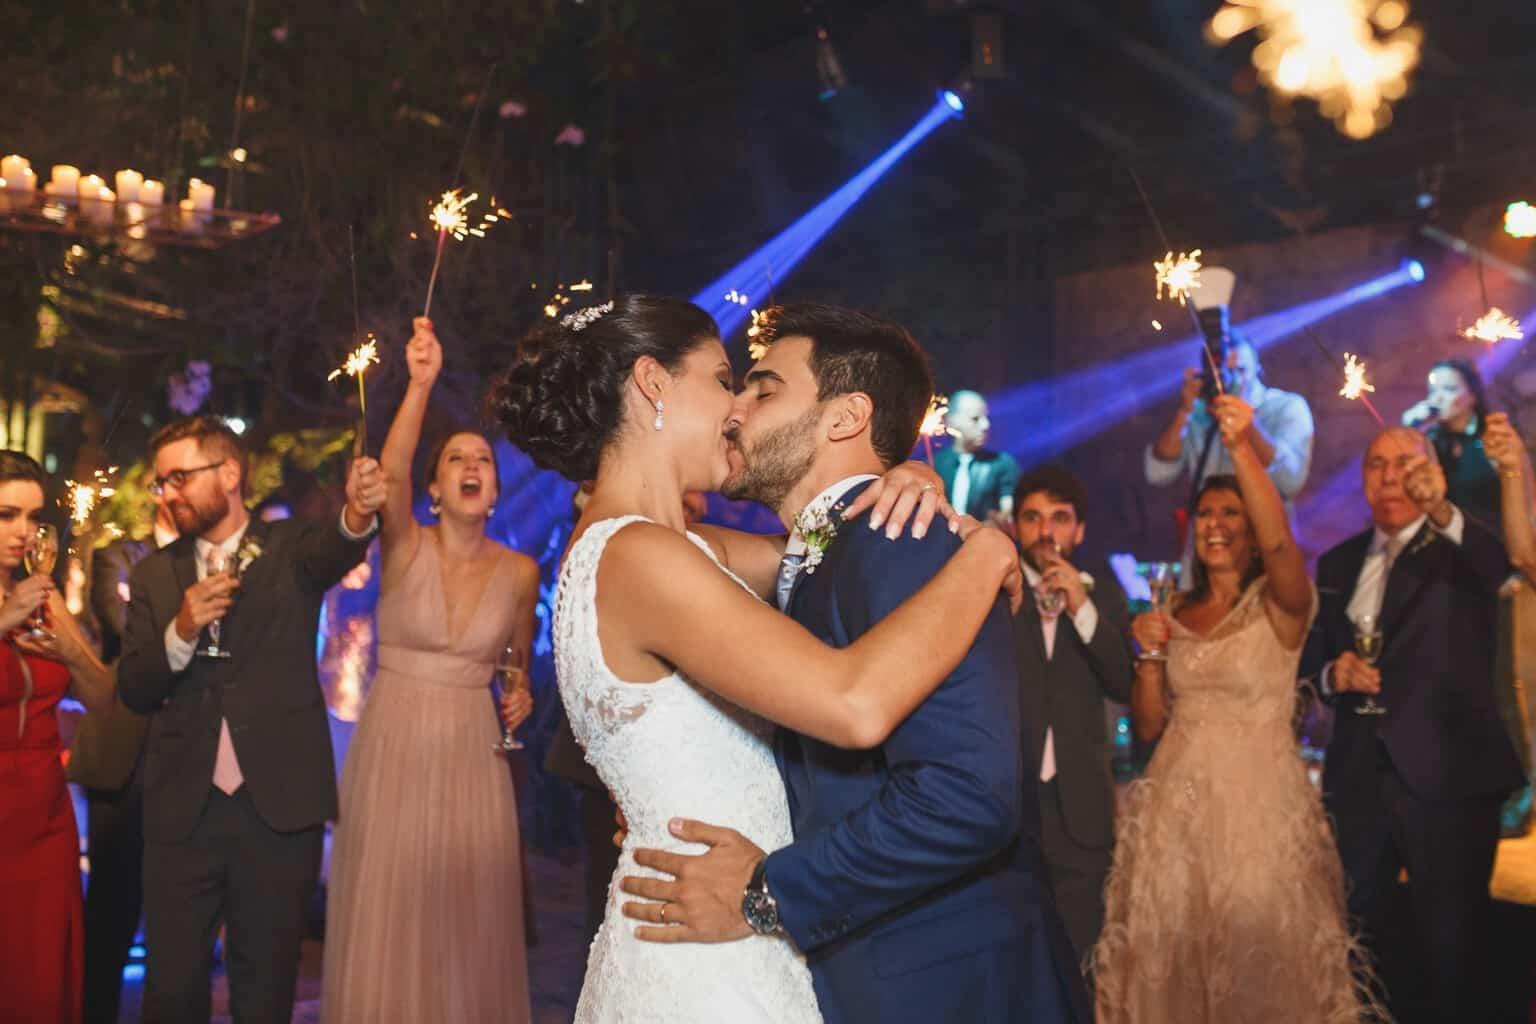 casamento-na-Fazenda-Vila-Rica-cerimonial-Ana-Paula-Tabet-Fotografia-Euka-Weddings-pista-Renata-e-Gabriel128